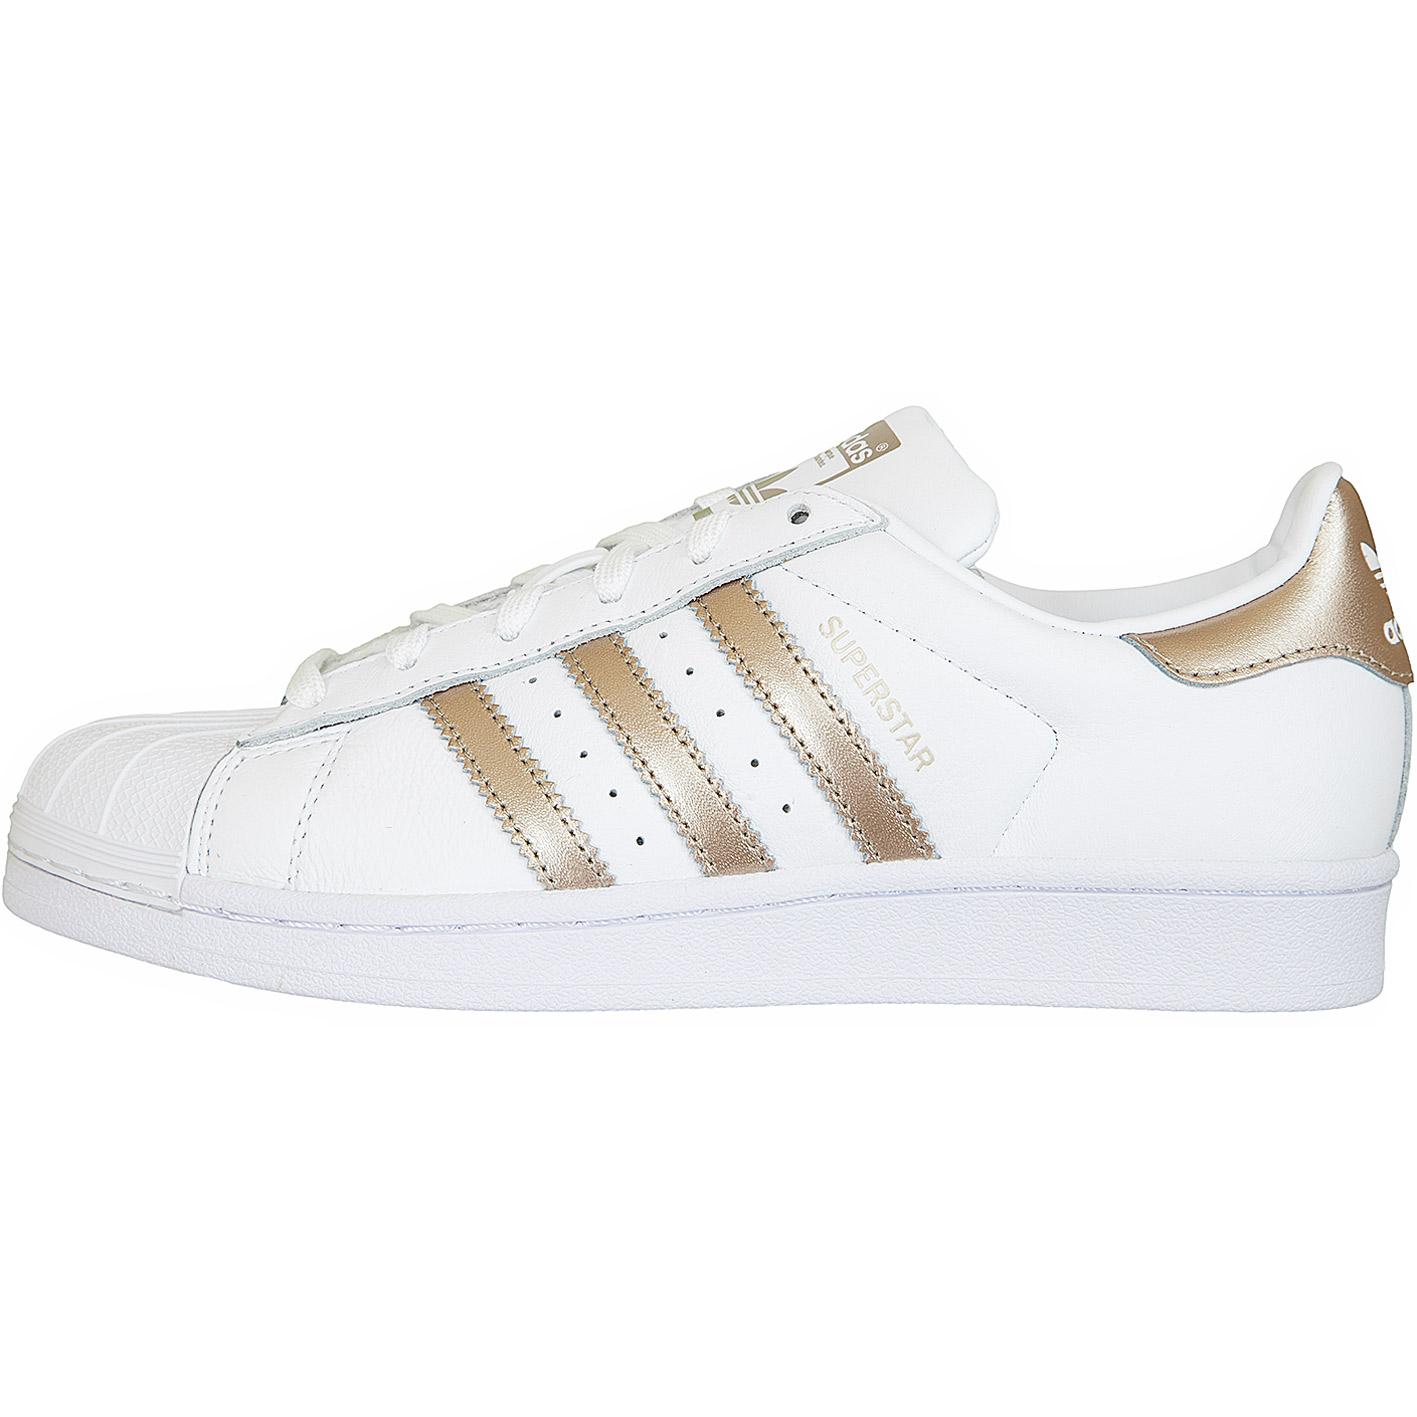 ADIDAS ORIGINALS Sneaker 'Superstar' in gold weiß | ABOUT